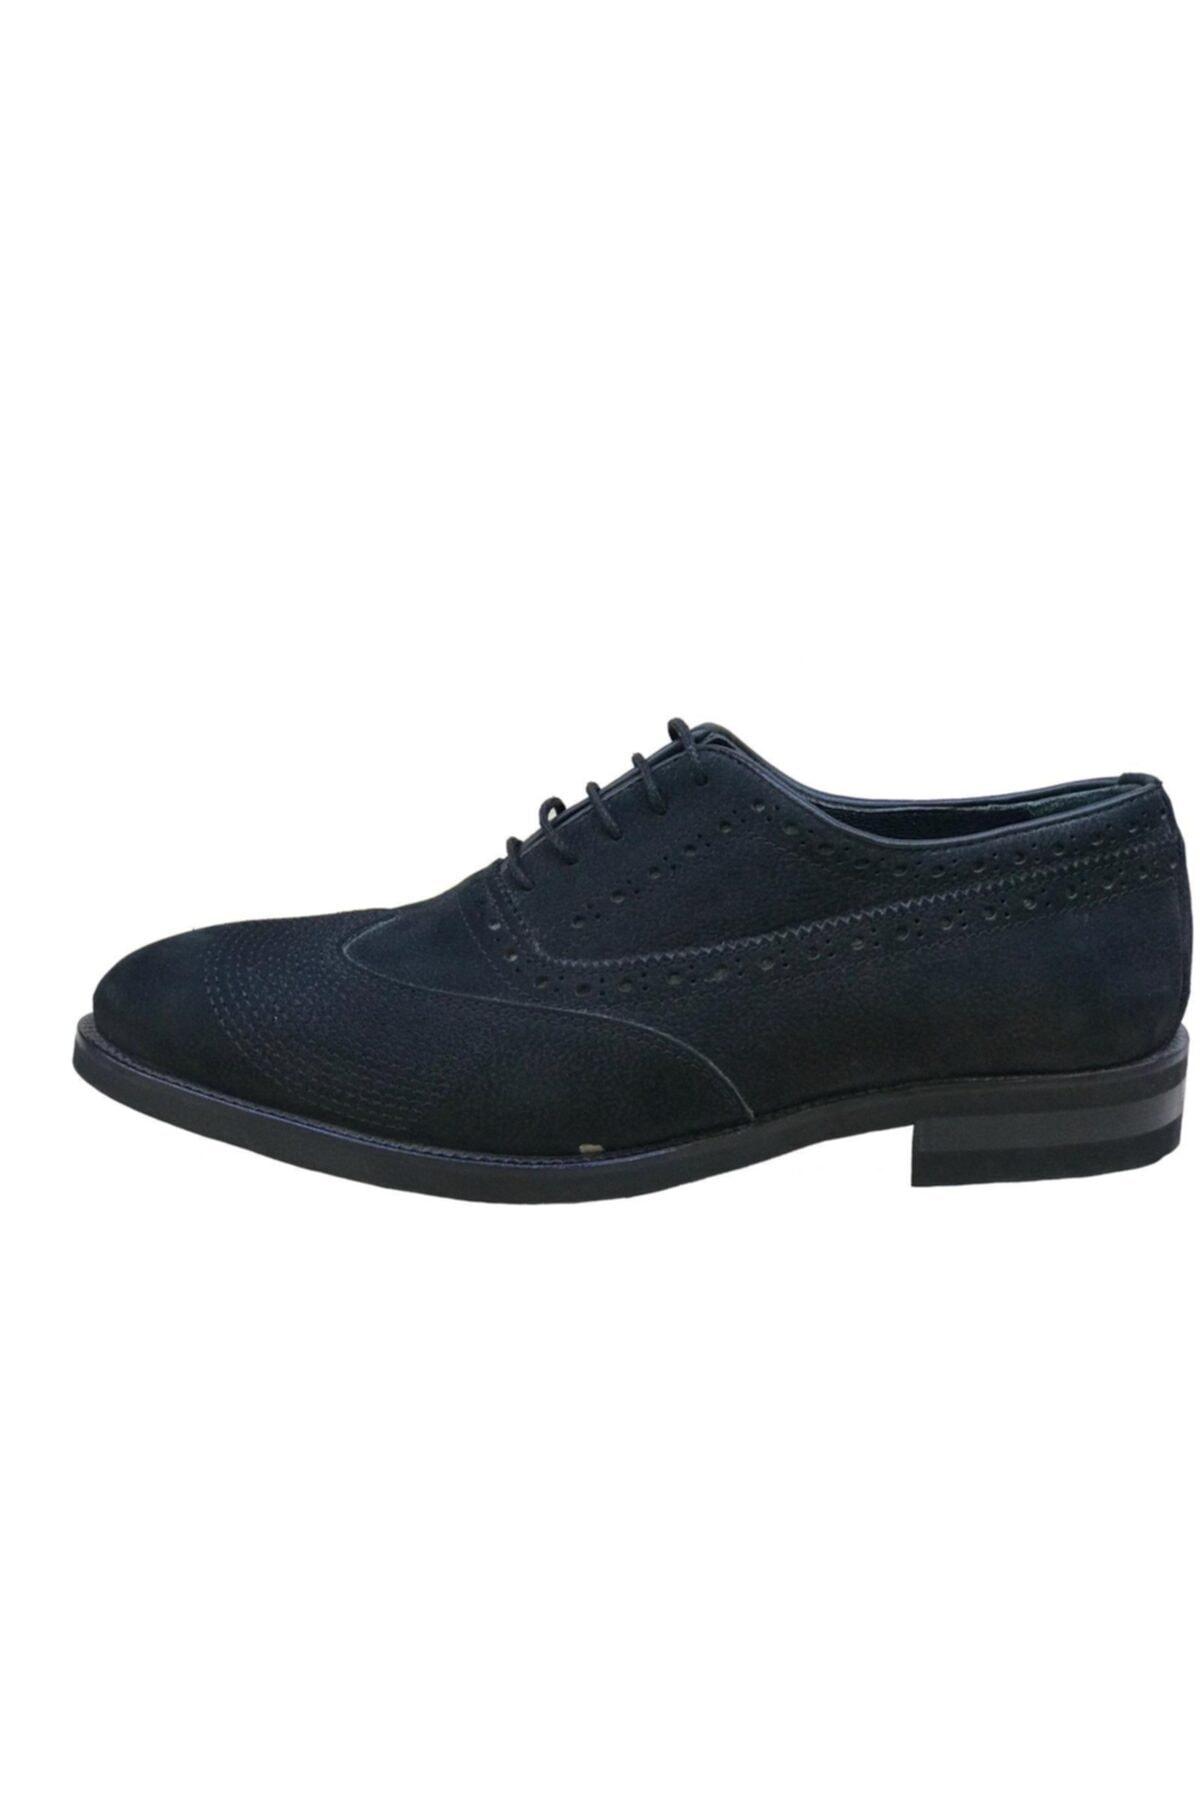 TETRİ 25 Erkek Çift Yüz Nubuk Klasik Ayakkabı 2